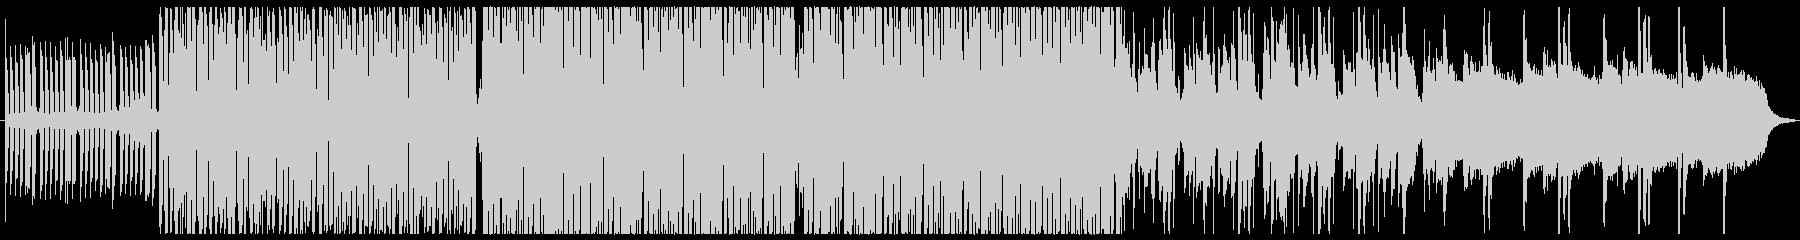 アッパーでグルーヴィーなファンクの未再生の波形